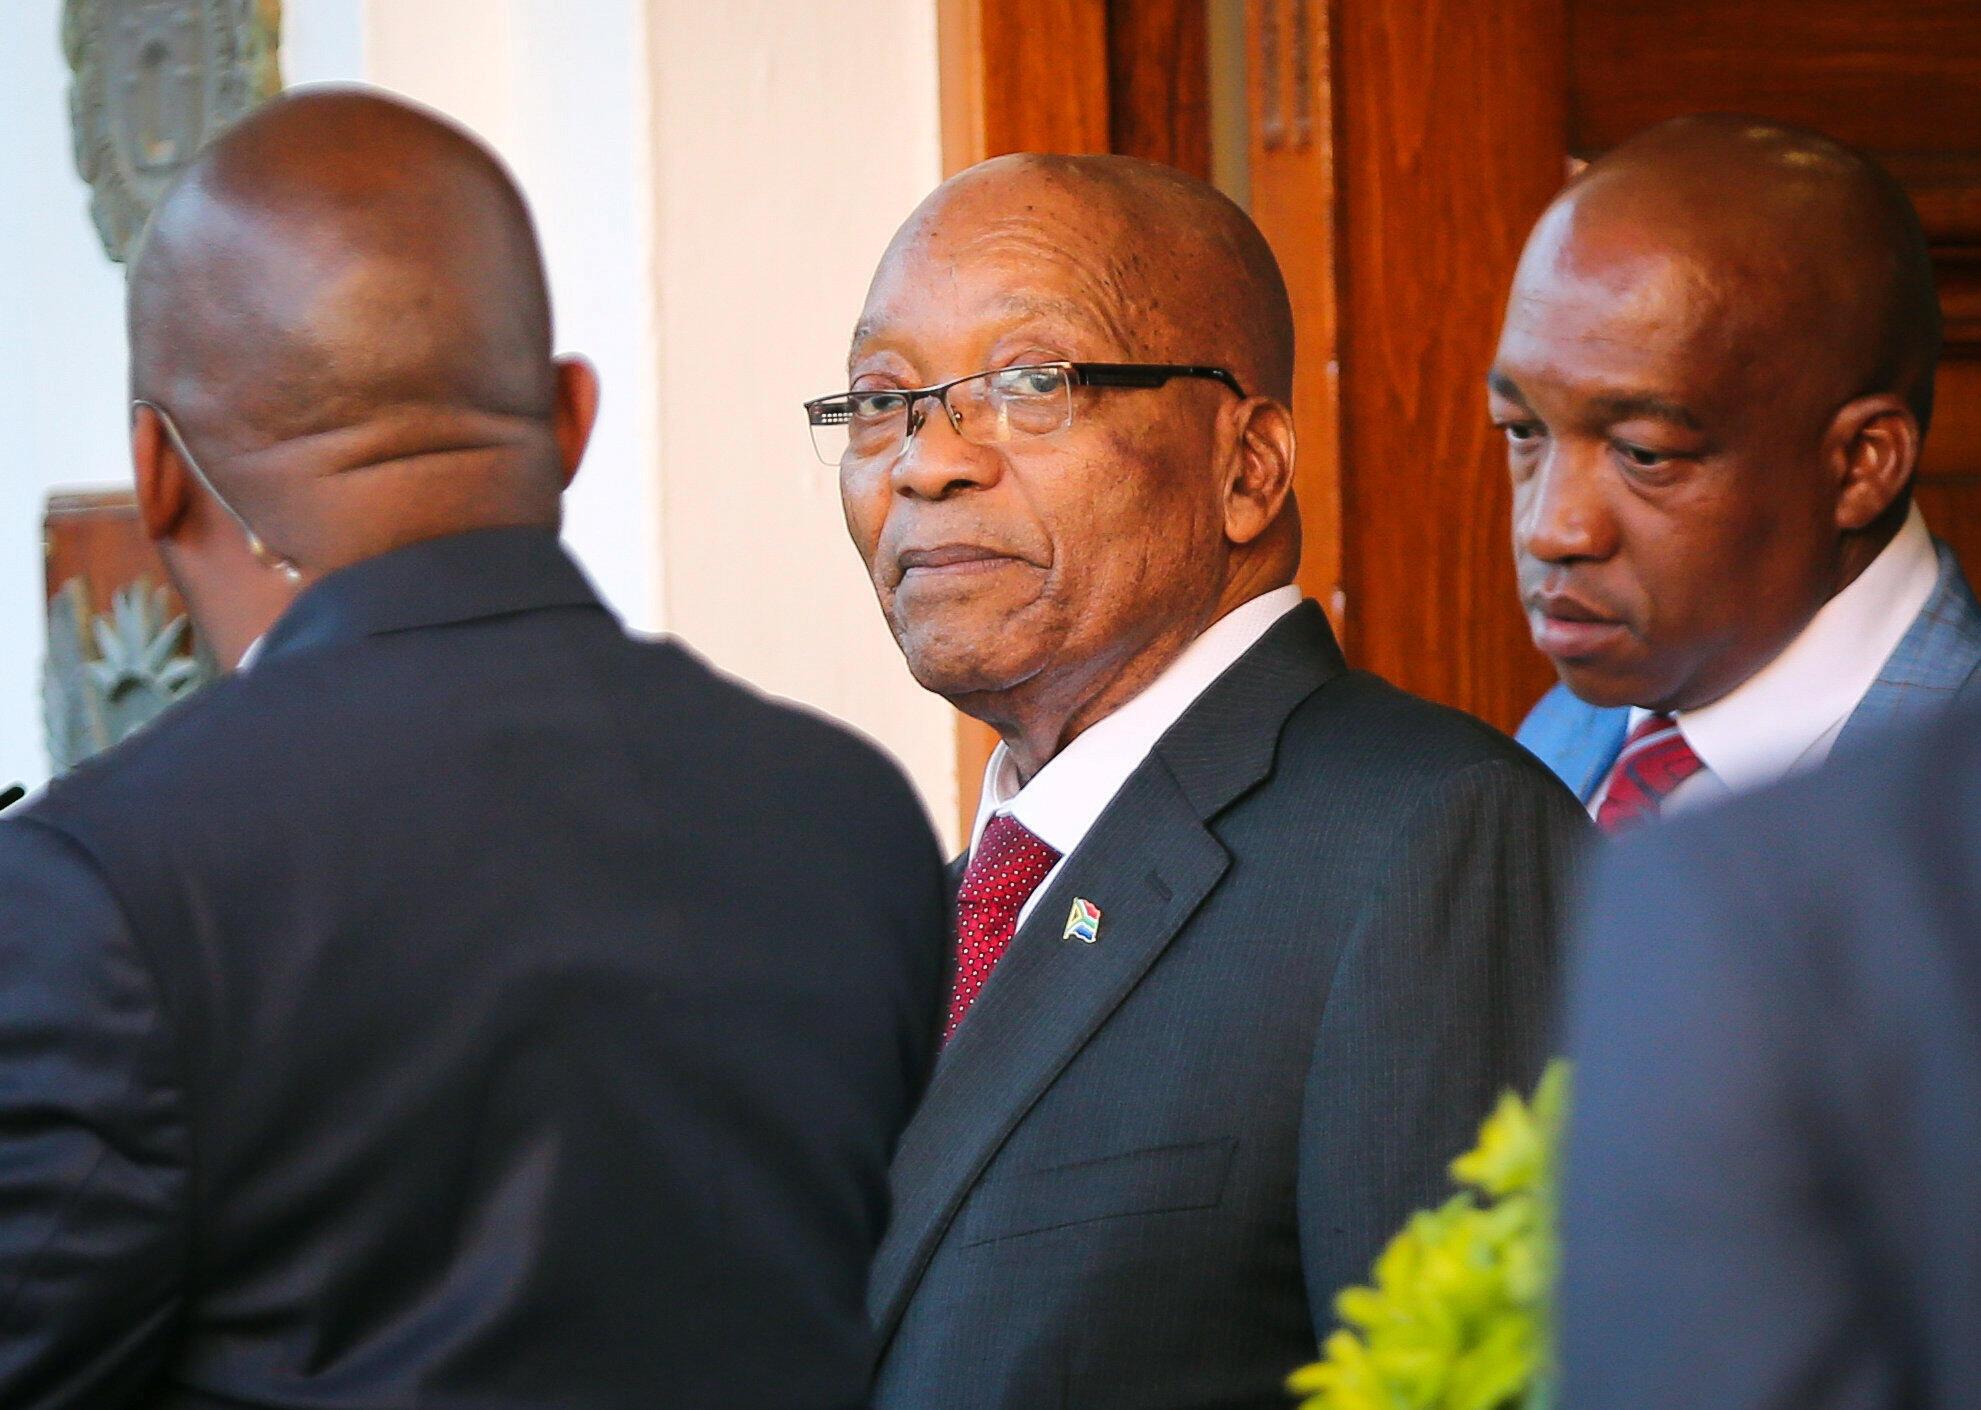 Le président Jacob Zuma quitte Tuynhuys, le bureau présidentiel au Parlement de Cape Town, le 7 février 2018.